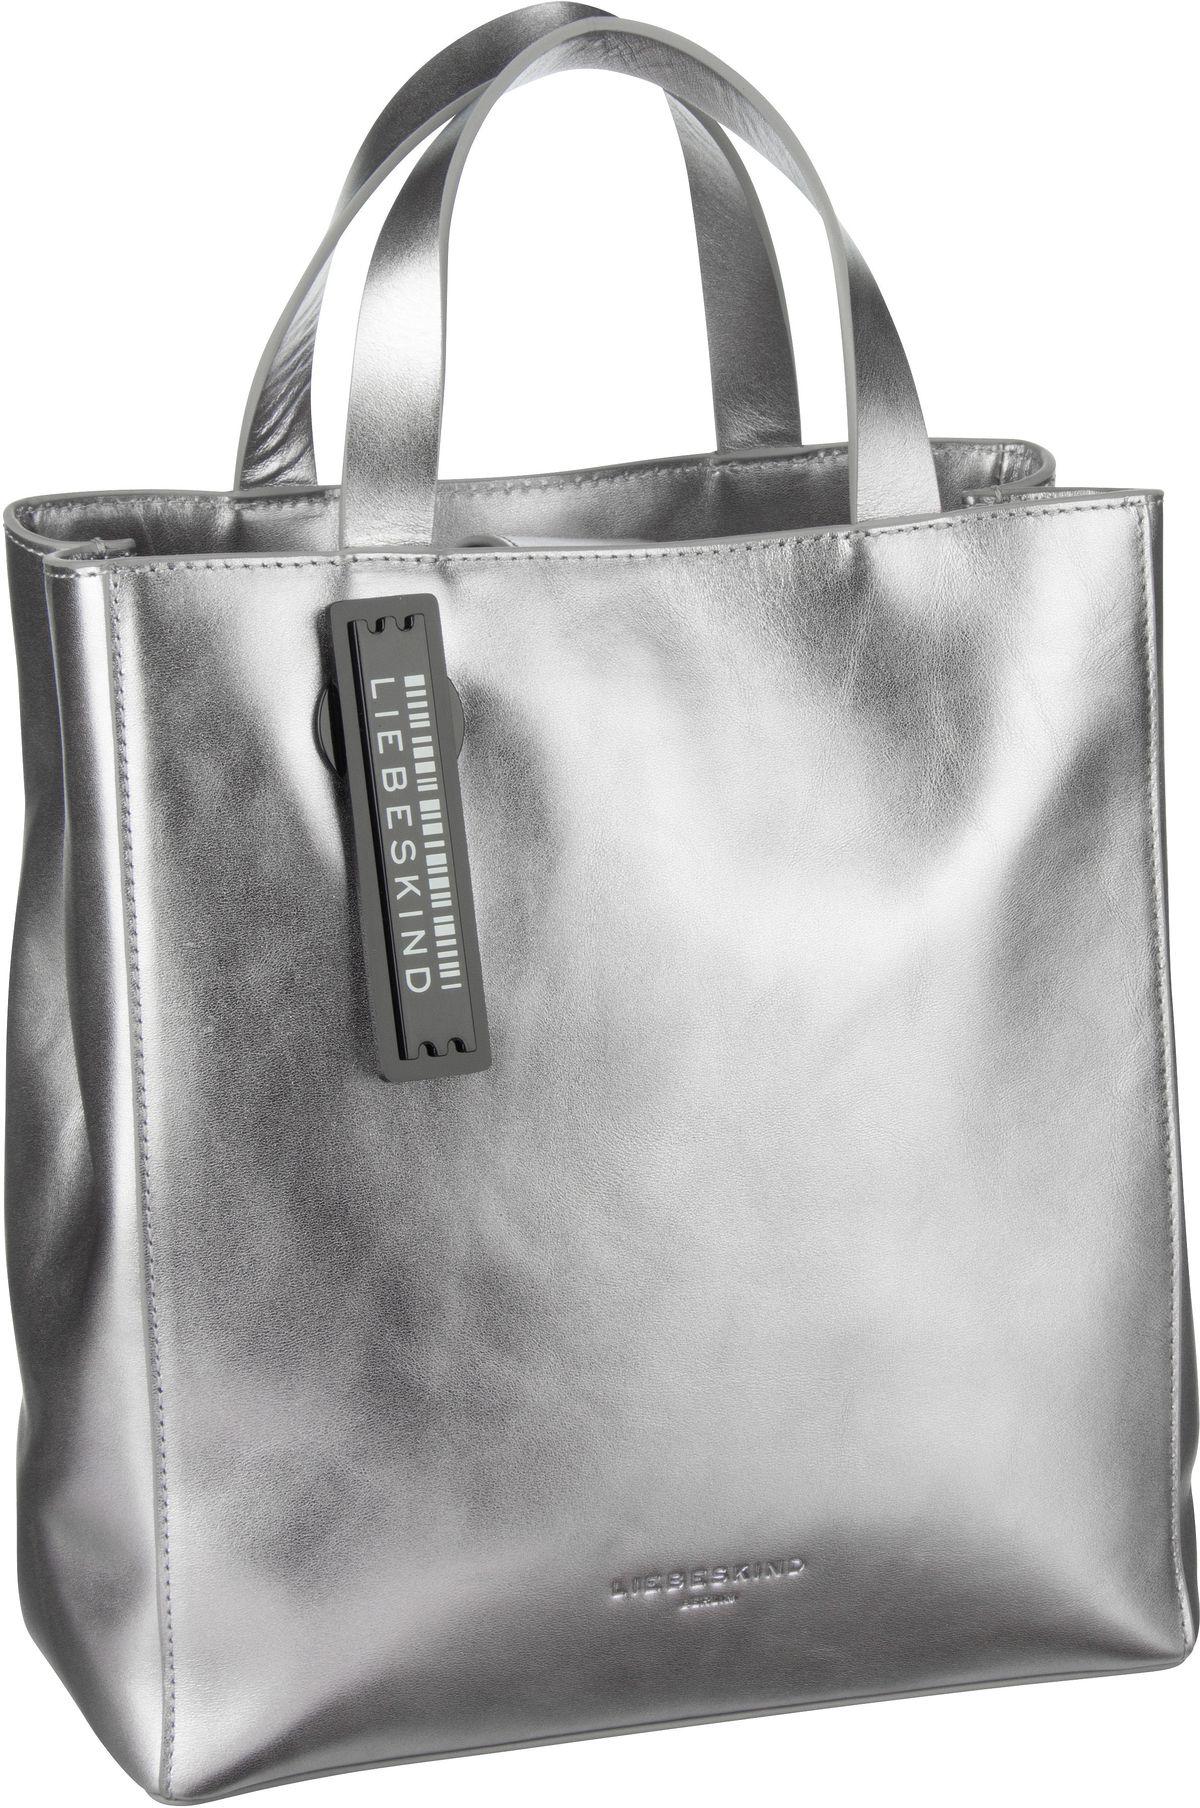 Berlin Handtasche Metallic Paper Bag Tote S Silver